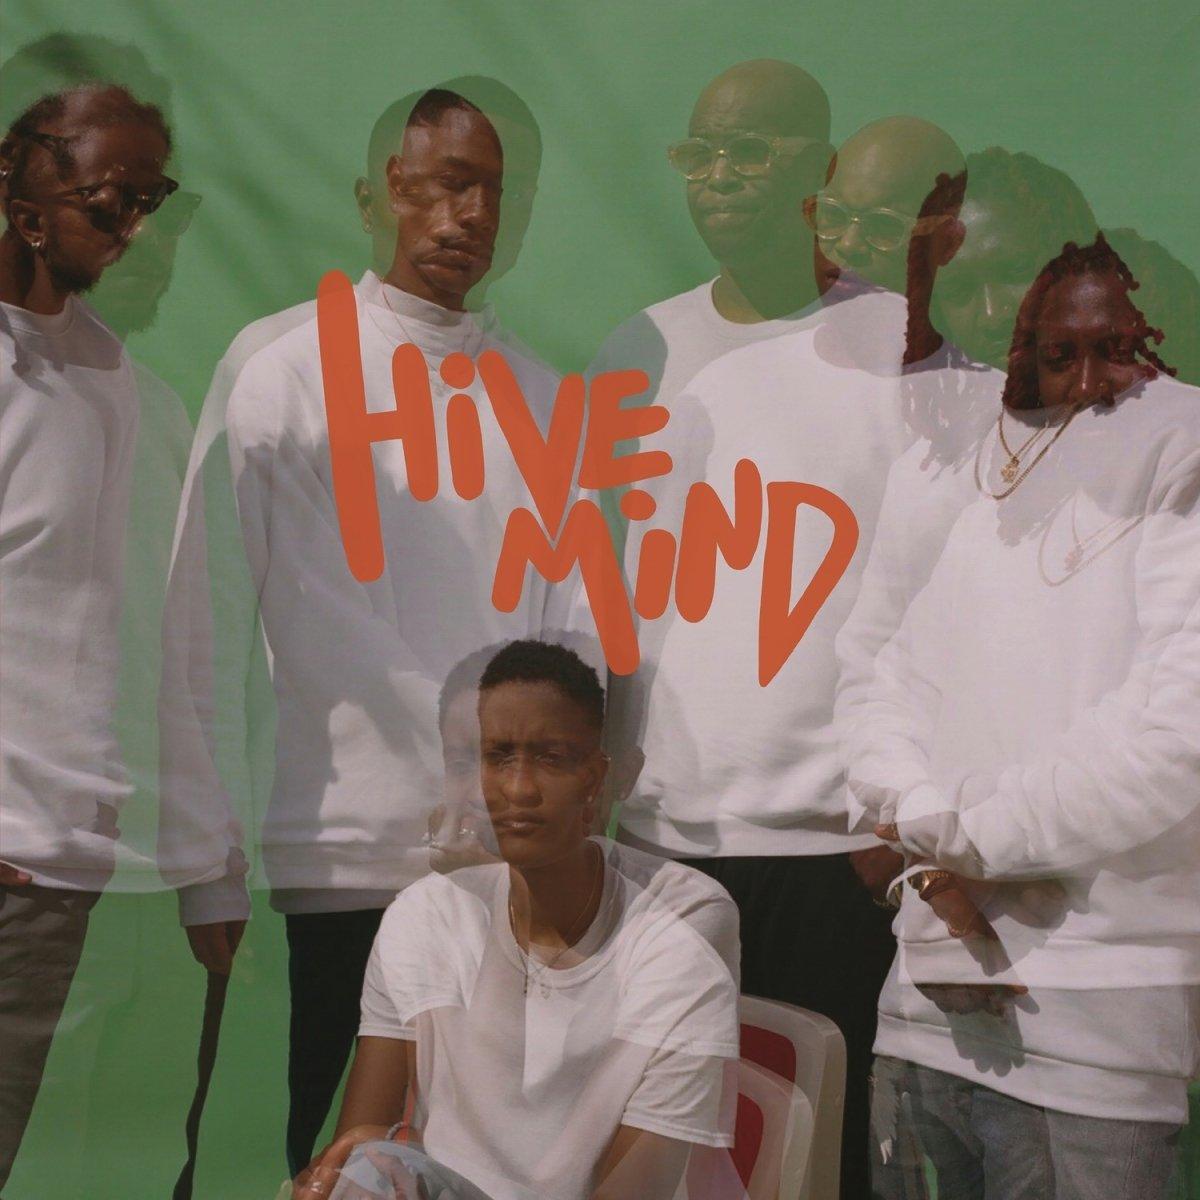 Hive Mind - Vinyl thumbnail